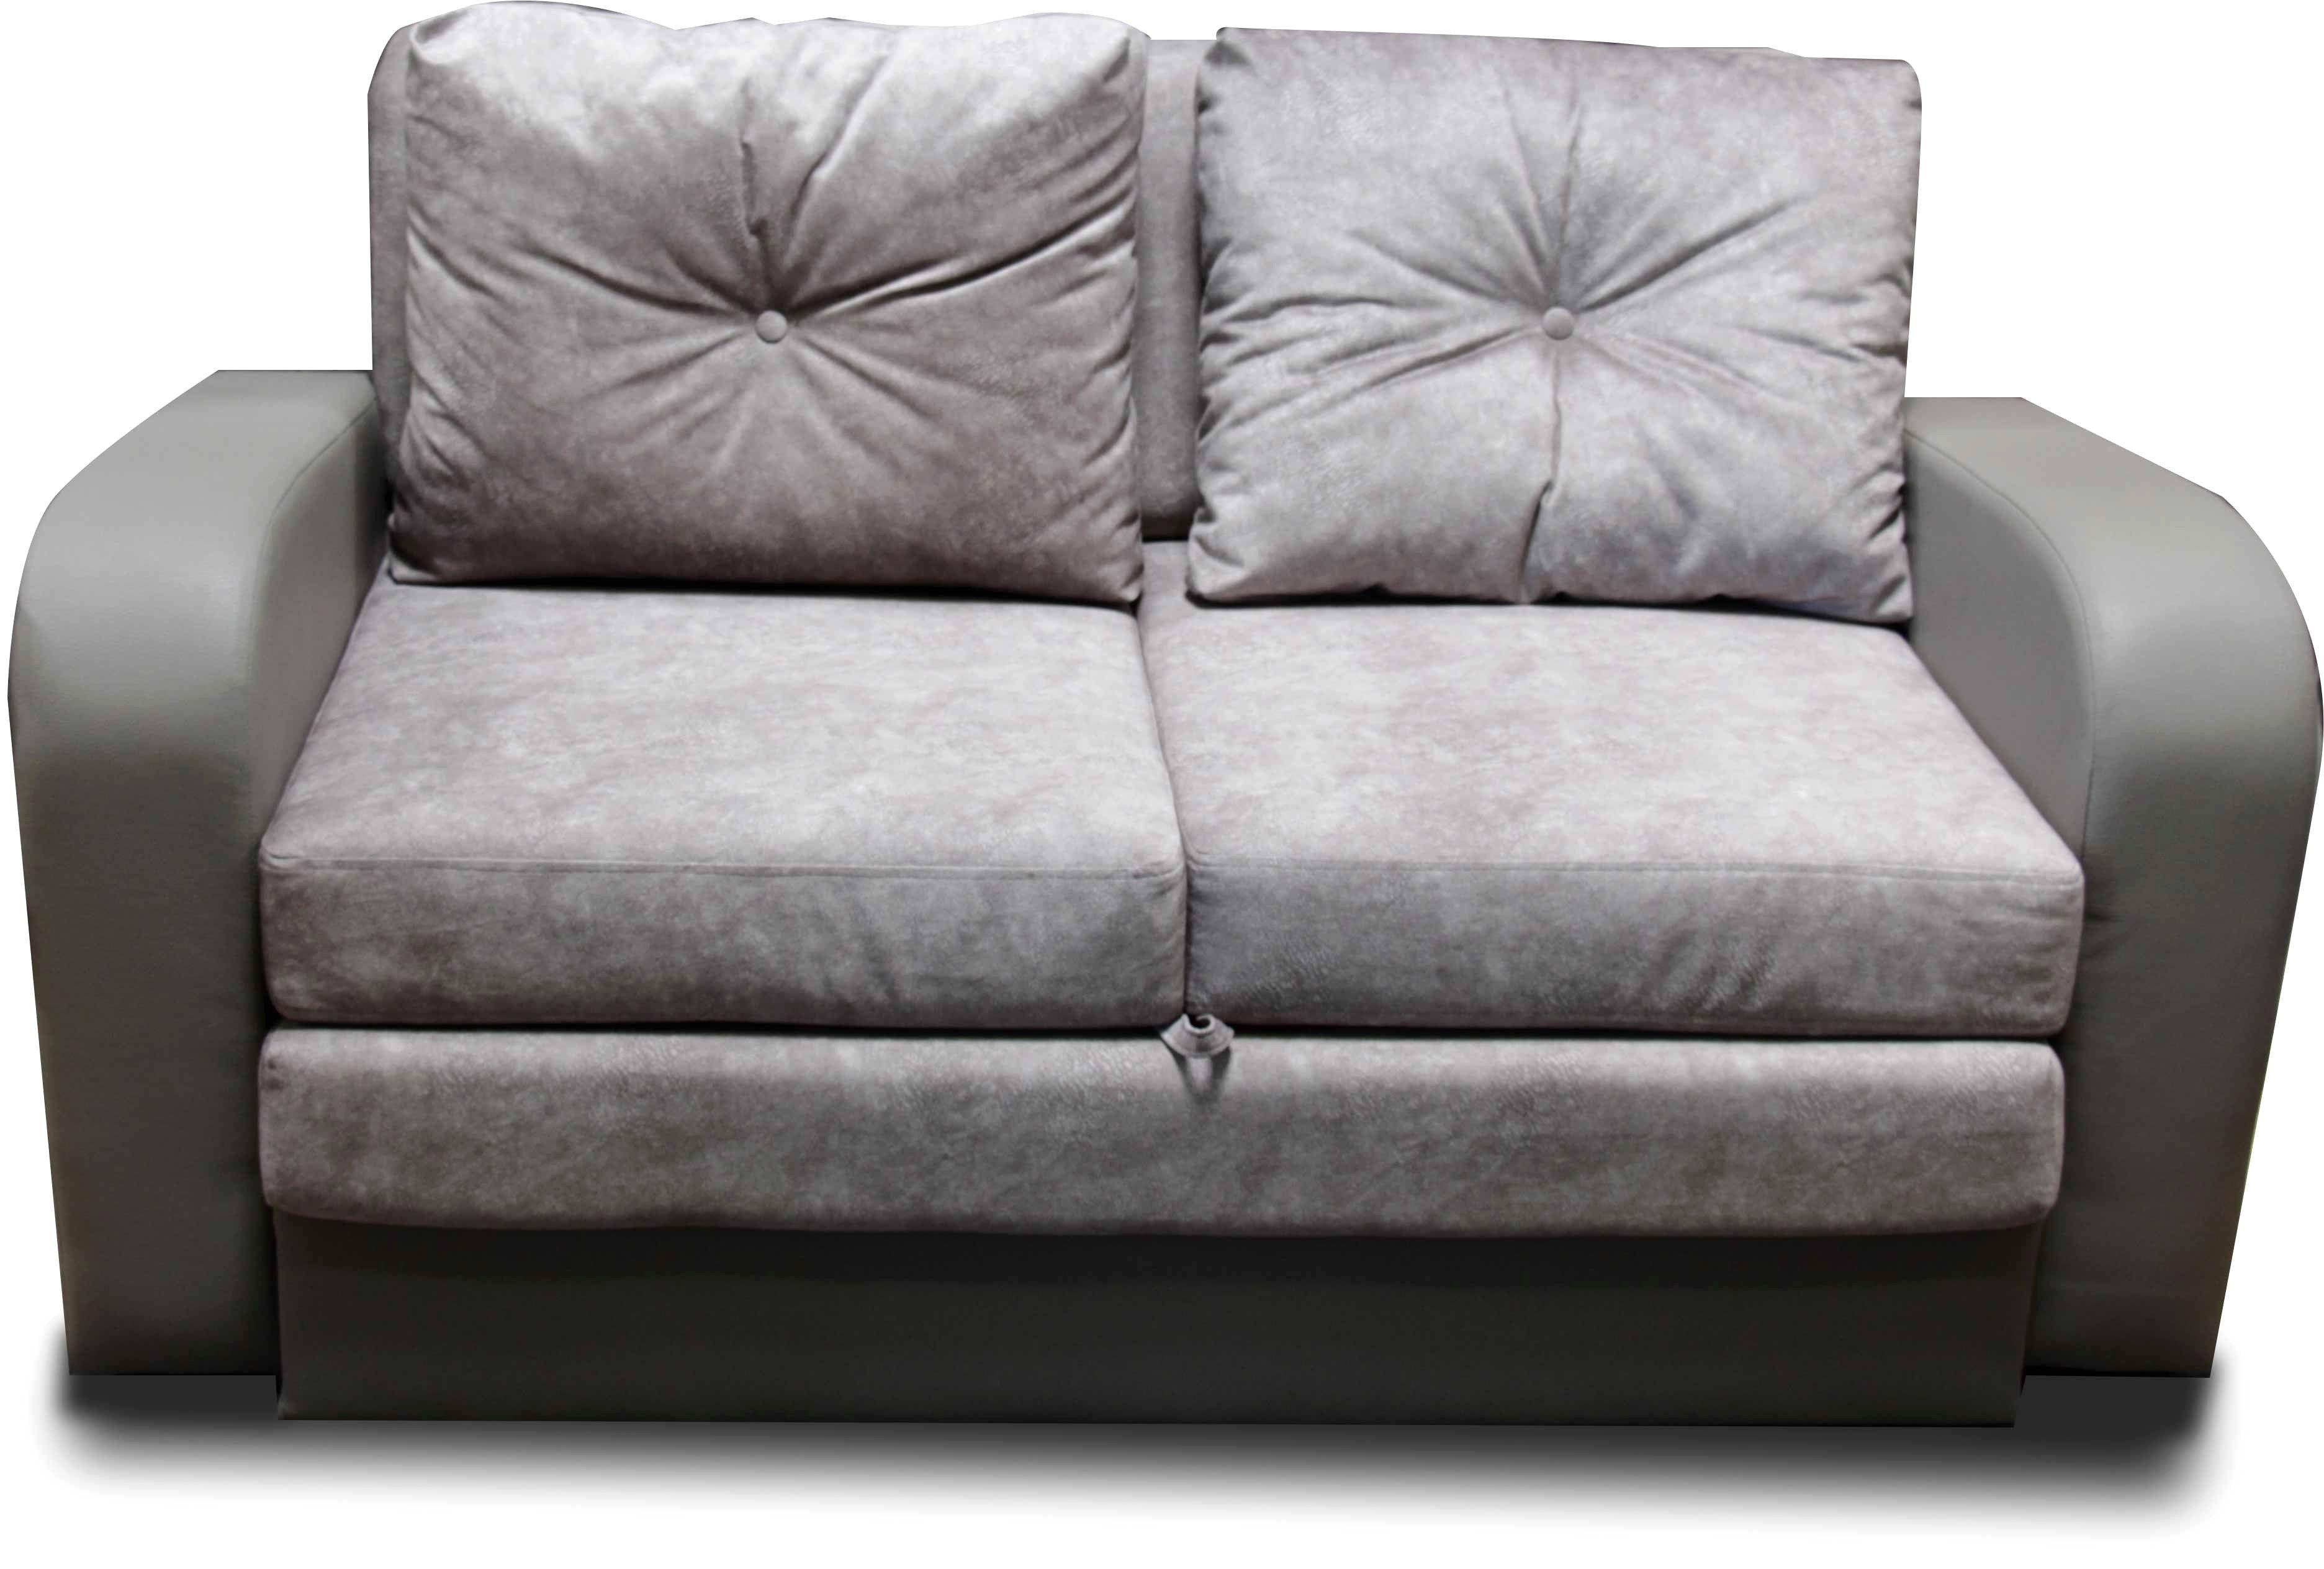 Lit Superposé Avec Rangement Élégant Entra Nant Lit Superposé Avec Canapé Sur Lit Biné Armoire Fresh Lit